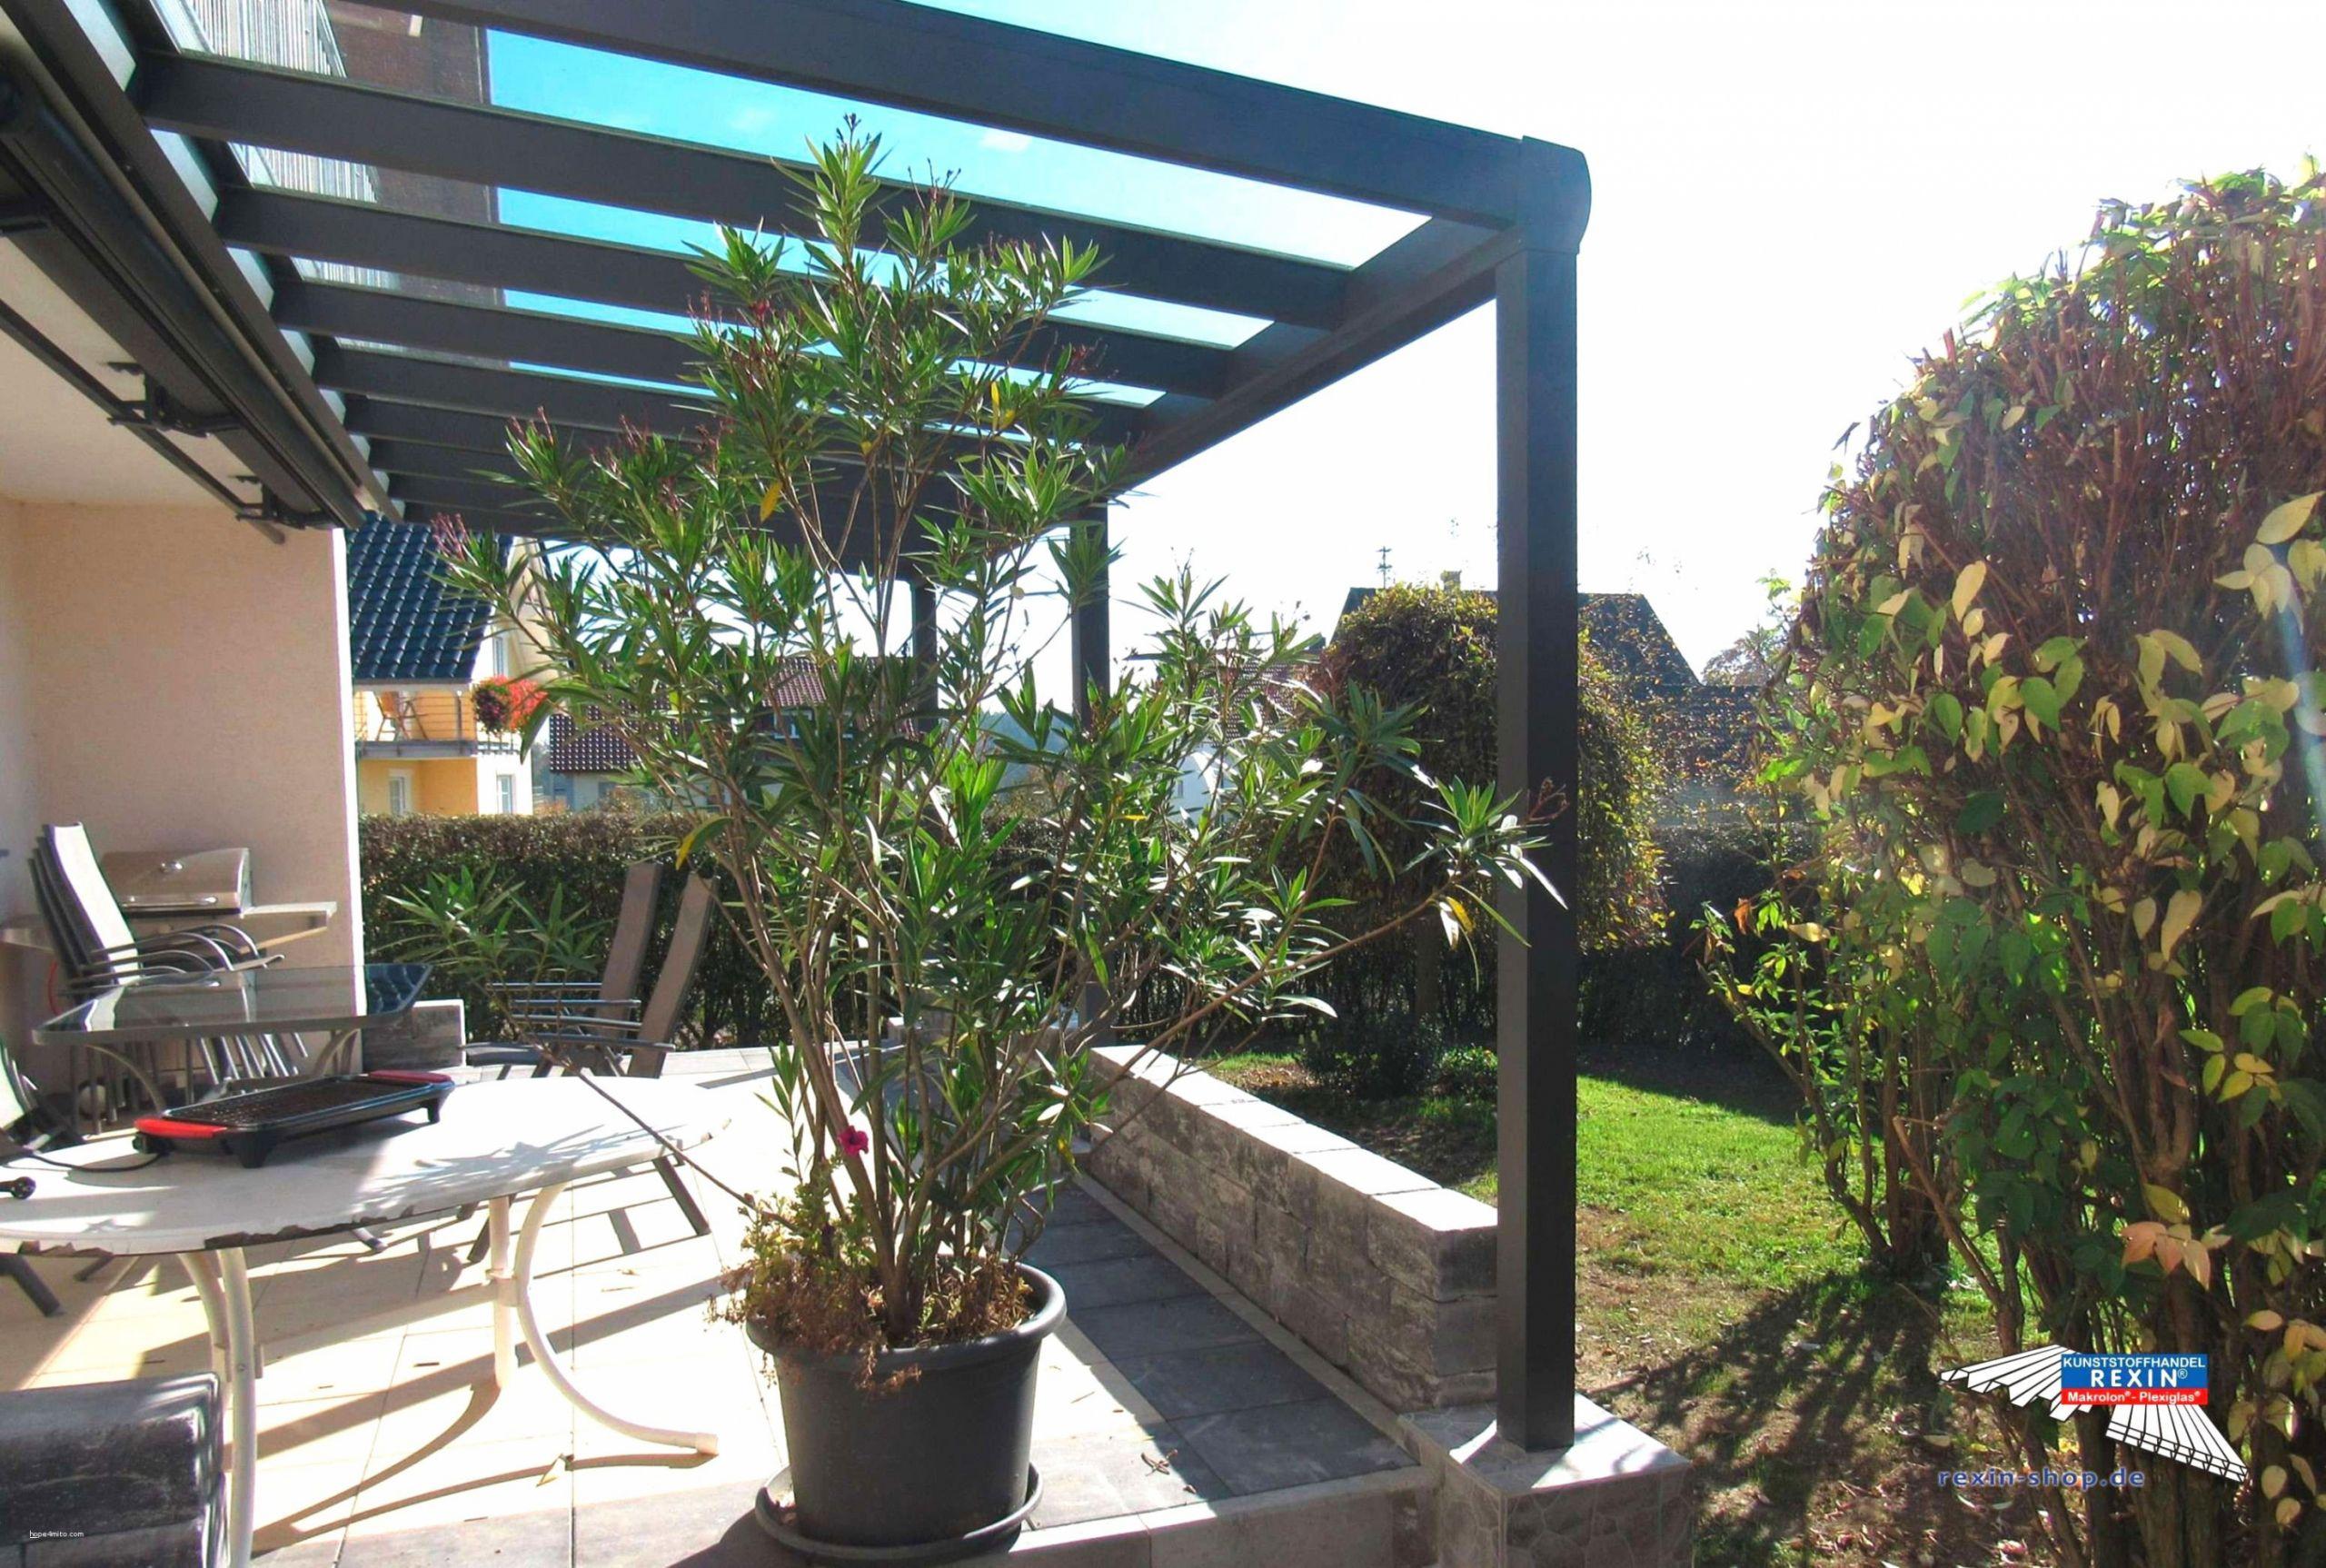 35 schon balkon gestalten wintergarten mediterran gestalten wintergarten mediterran gestalten